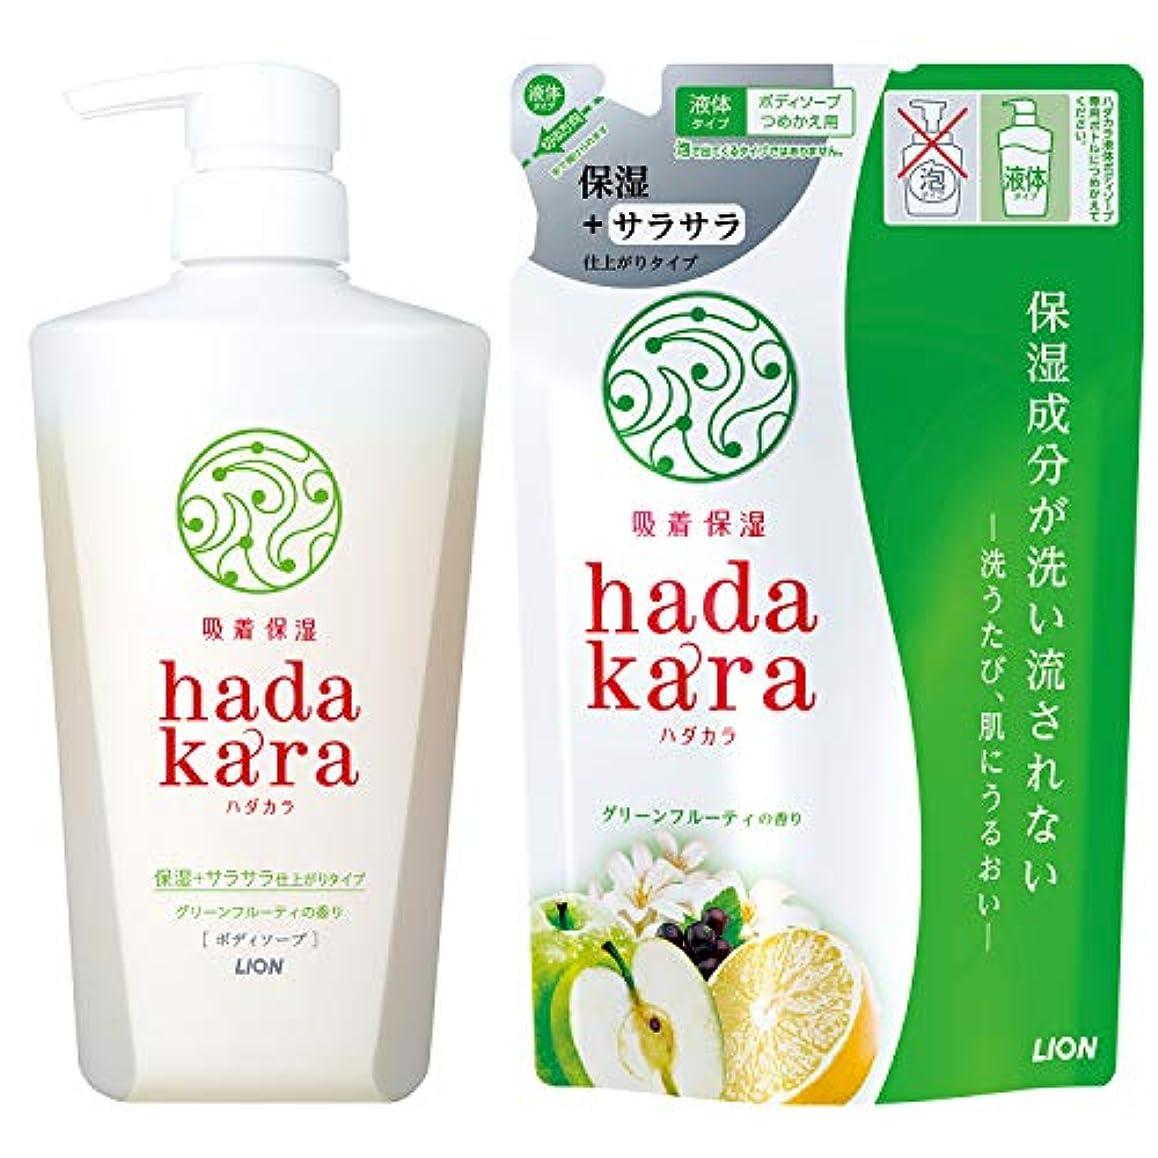 隠す請負業者統合するhadakara(ハダカラ) ボディソープ 保湿+サラサラ仕上がりタイプ グリーンフルーティの香り (本体480ml+つめかえ340ml) グリーンフルーティ(保湿+サラサラ仕上がり) +